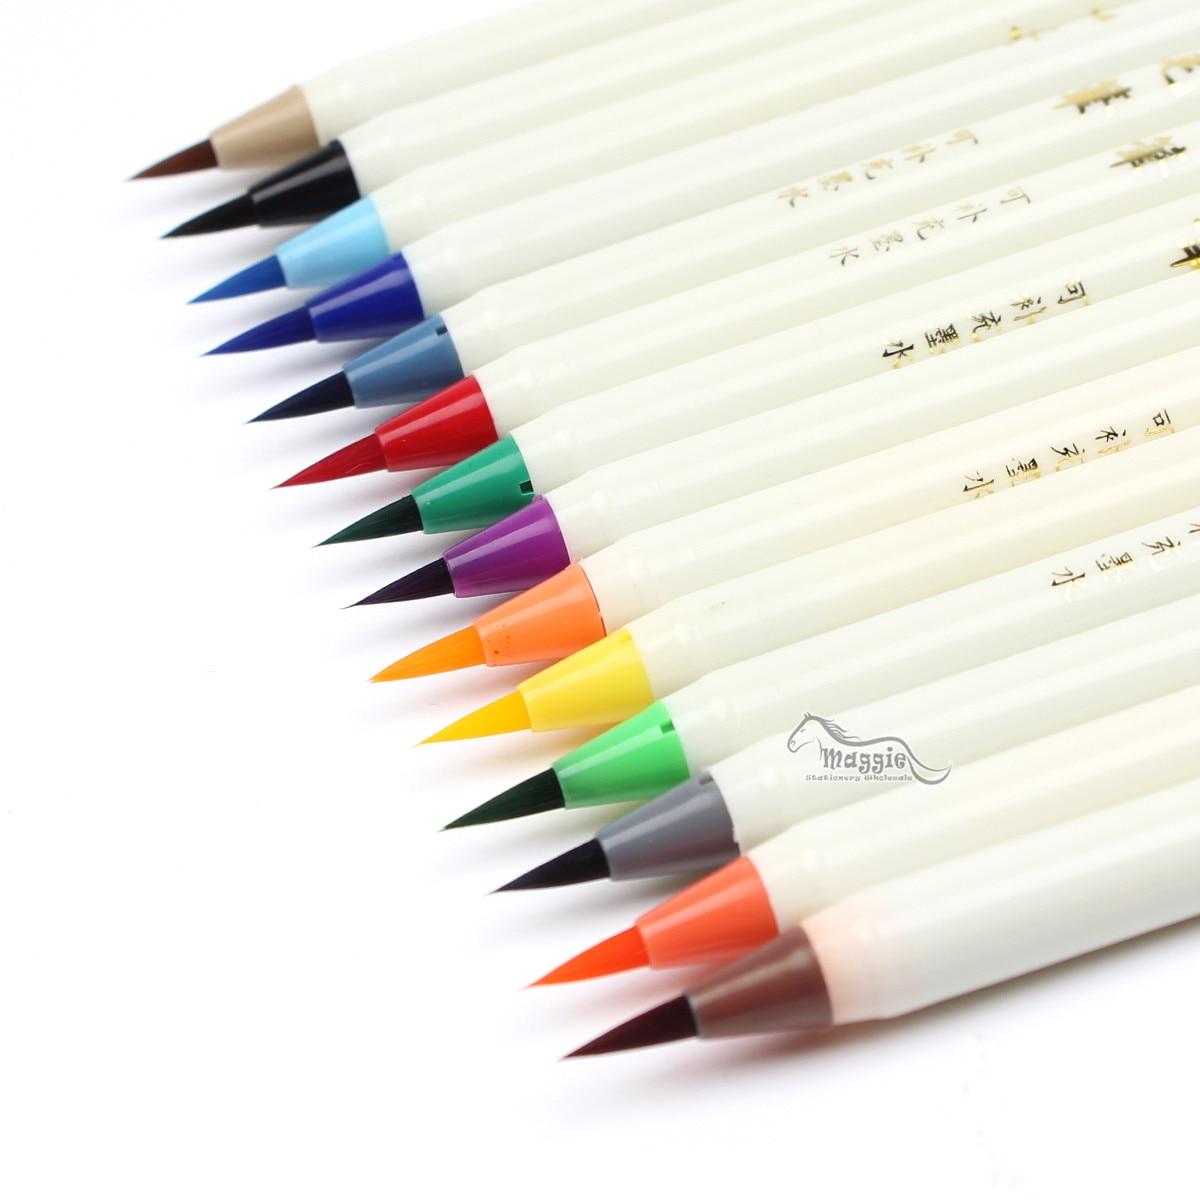 аьбомы для рисования заказать на aliexpress